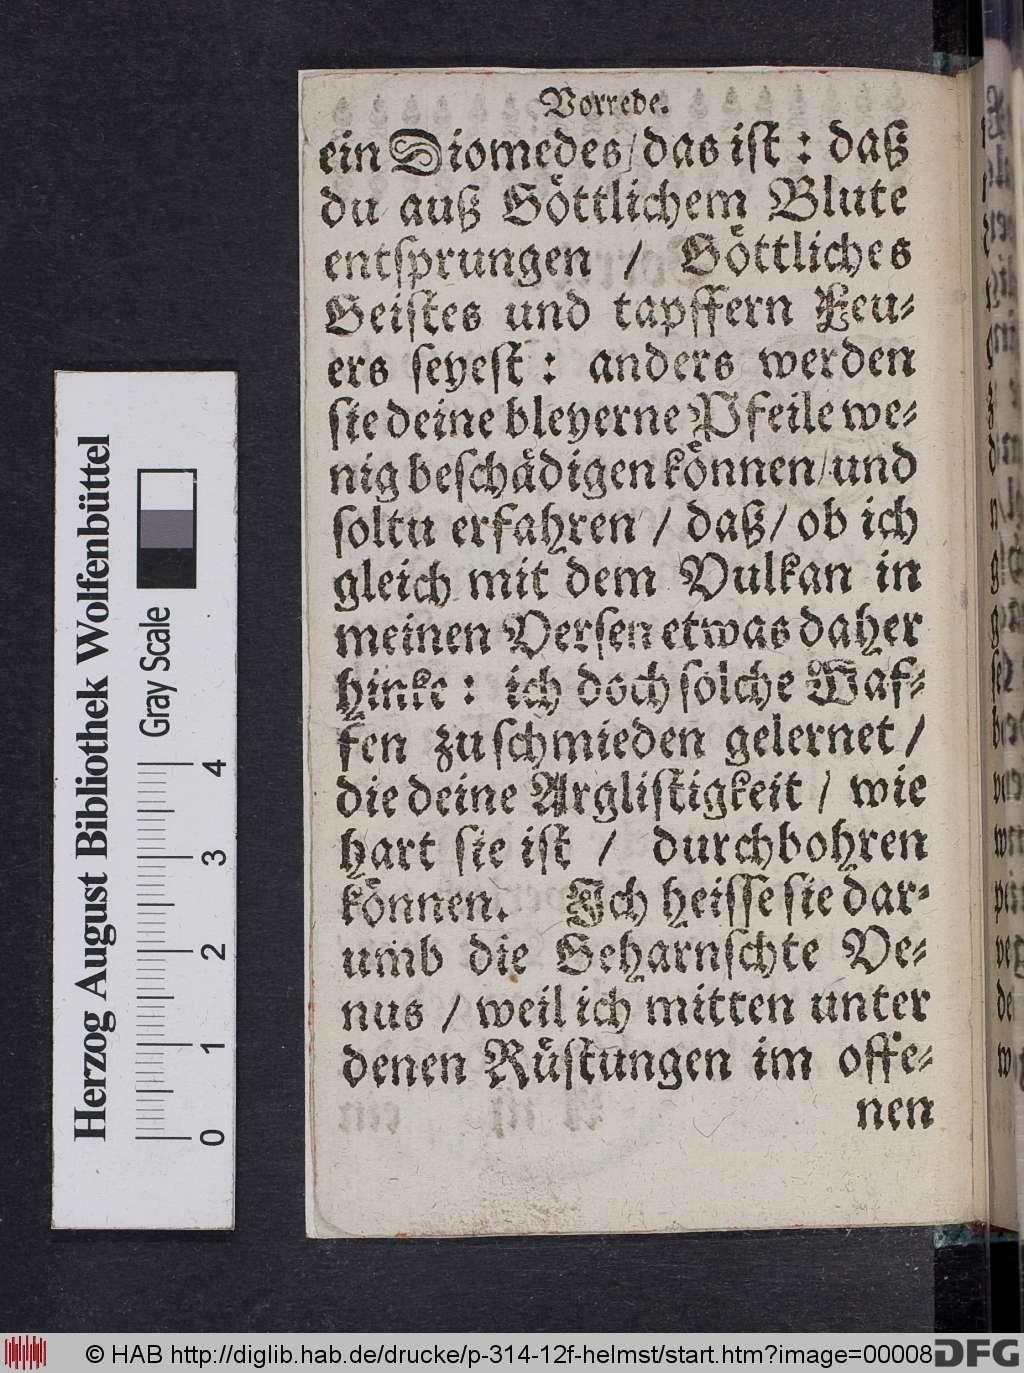 http://diglib.hab.de/drucke/p-314-12f-helmst/00008.jpg